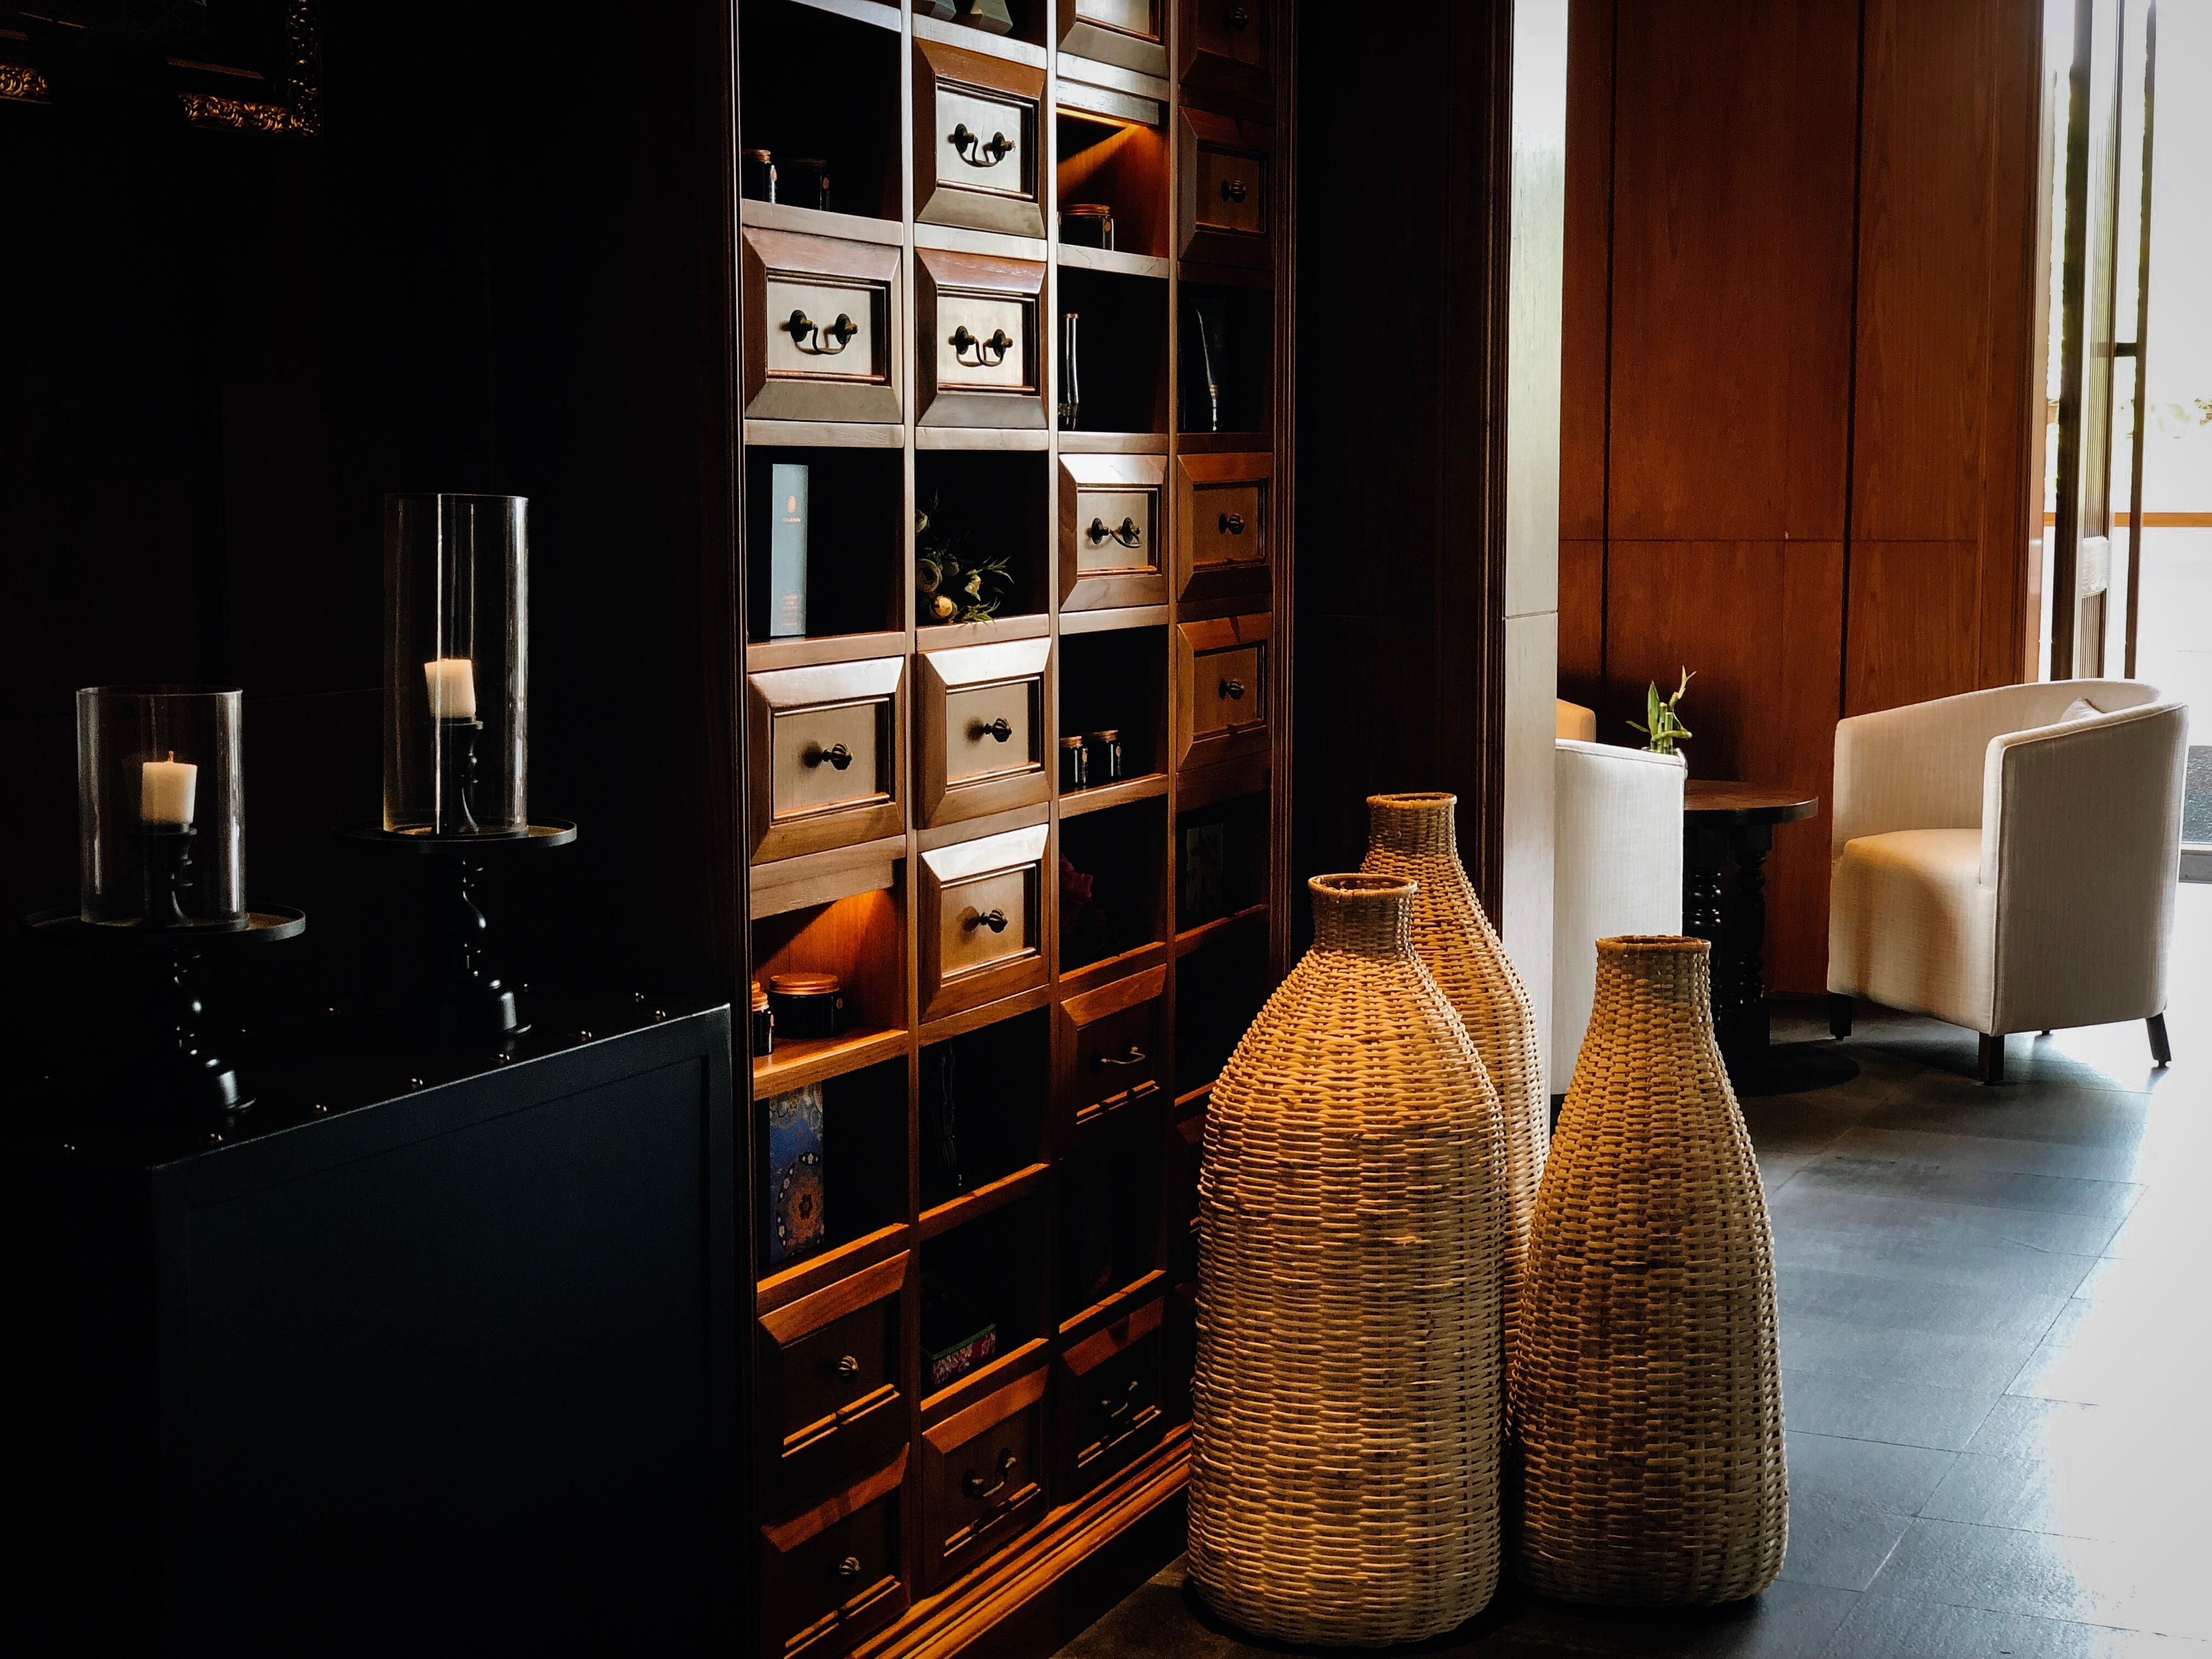 allthatchoices by laura brodda blogger mainz blog frankfurt indigo hotel ihg bali seminyak hotelreview